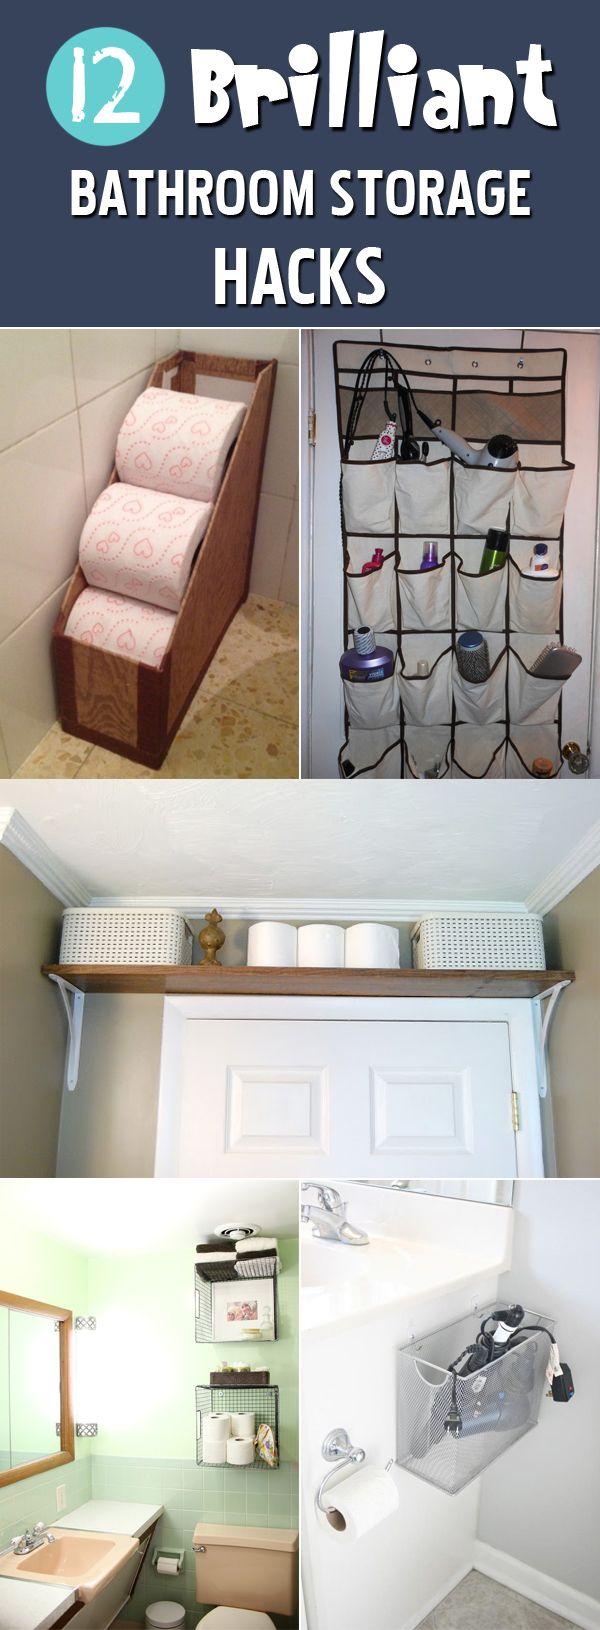 12 Genius Bathroom Storage Hacks Bathroom Storage Hacks Clever